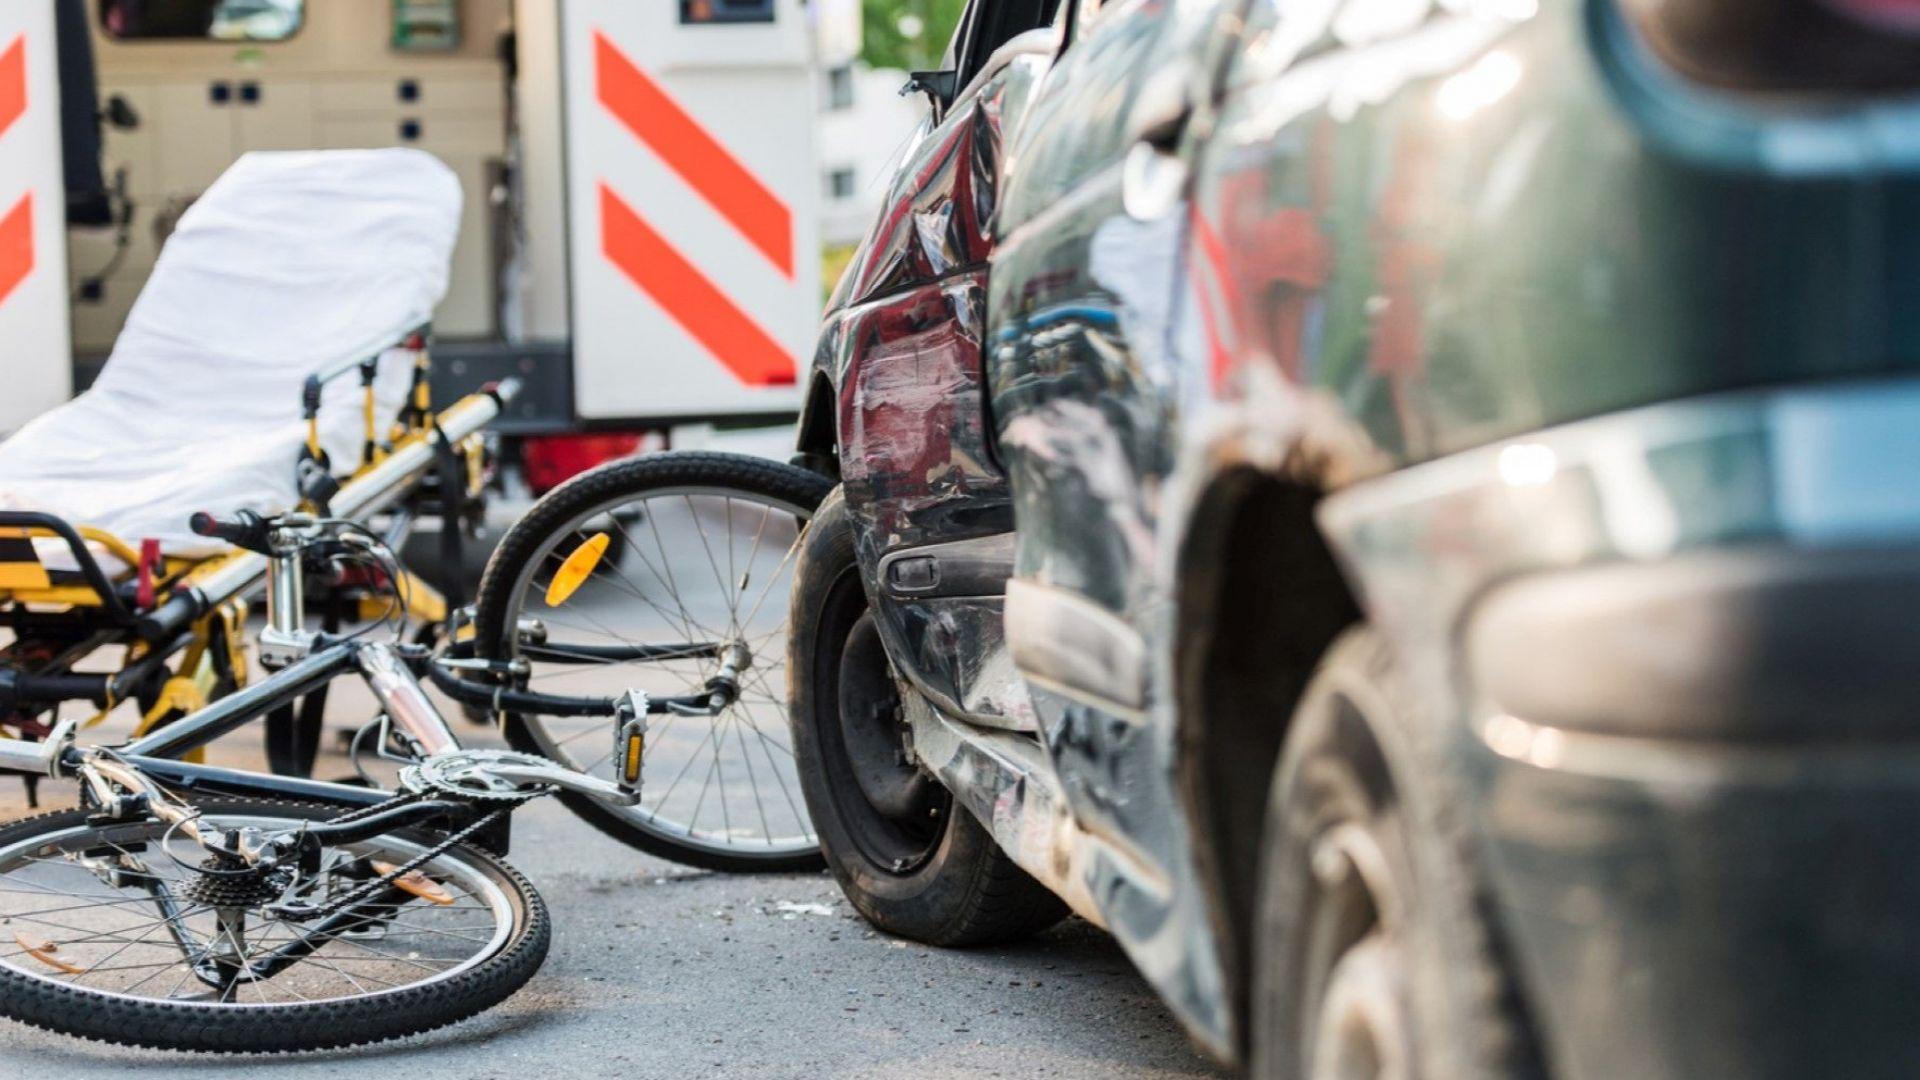 Мъж се вряза с кола в група хора в Холандия, има ранени